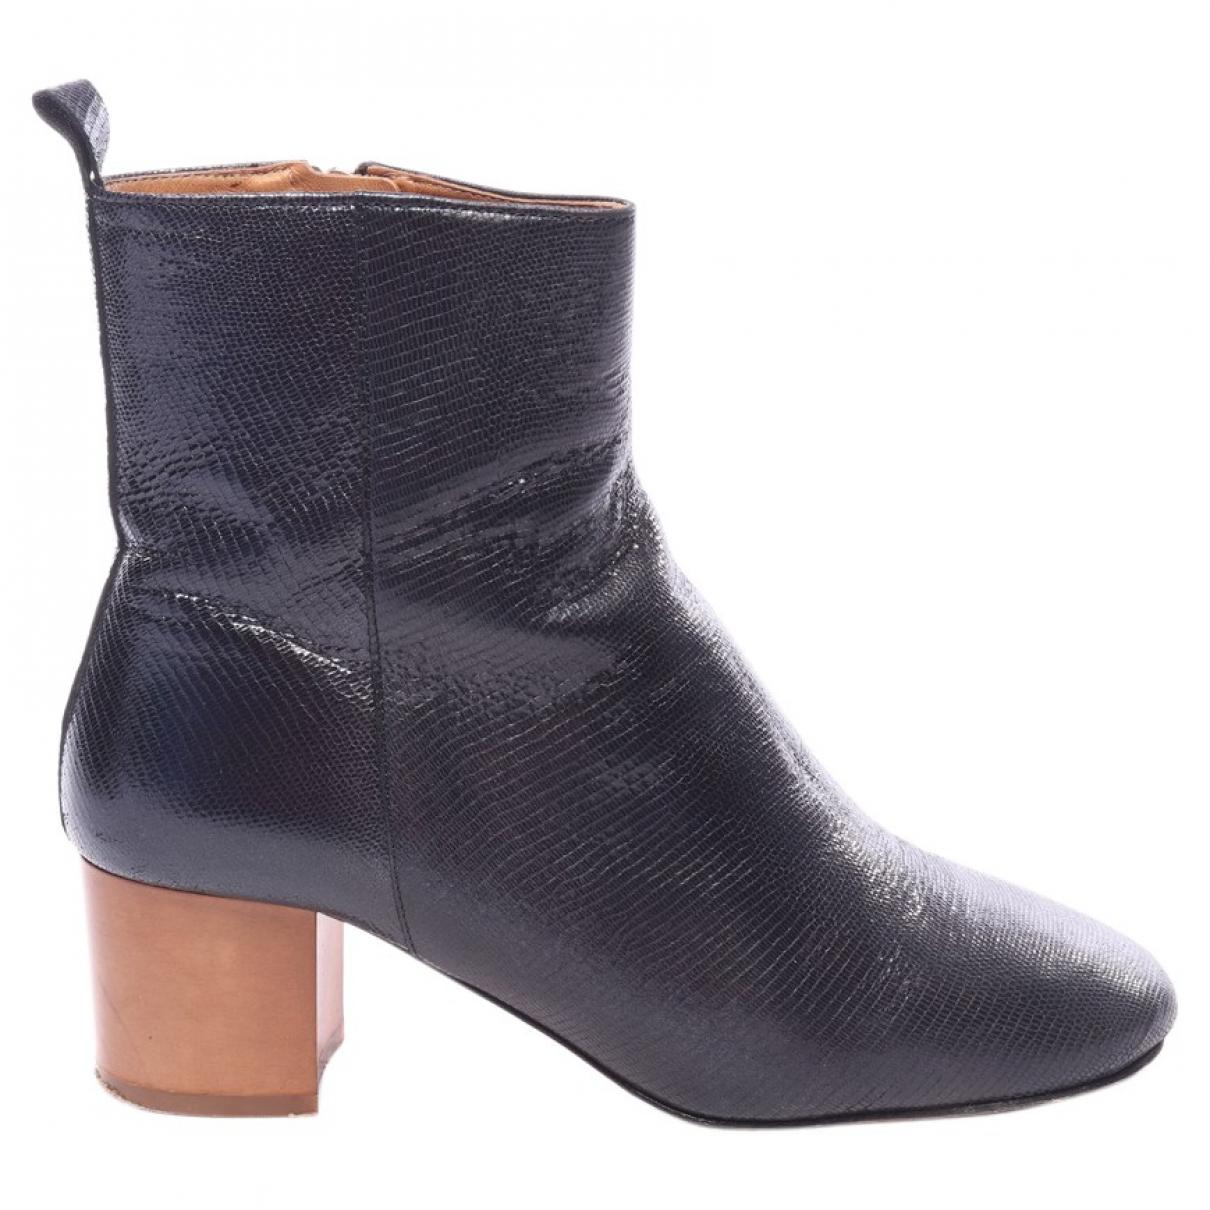 Isabel Marant Etoile - Boots   pour femme en cuir - noir